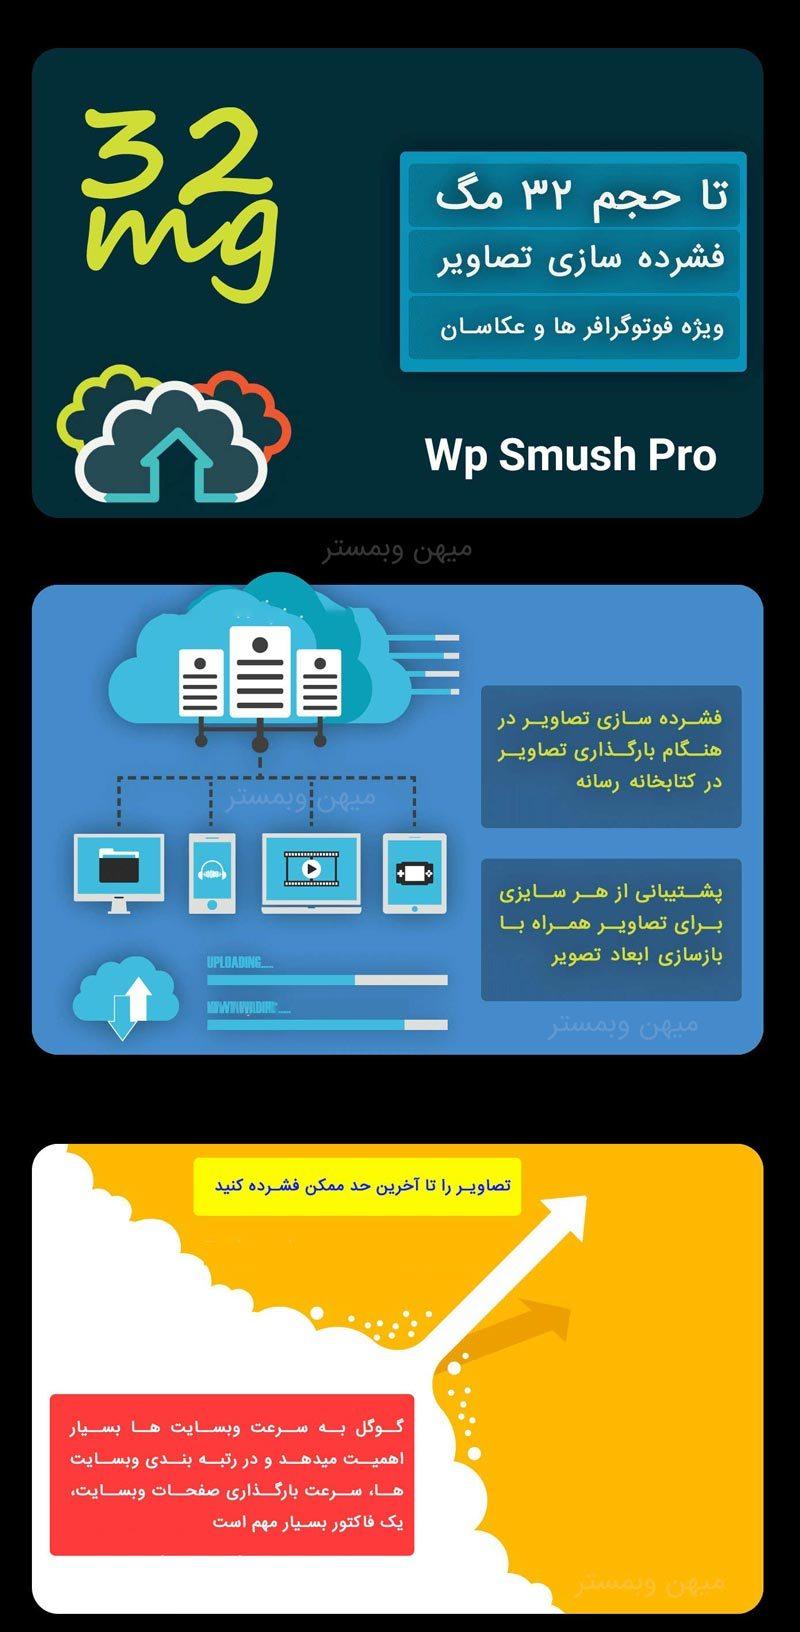 دانلود رایگان افزونه WP Smush Pro,فشرده ساز تصویر وردپرس